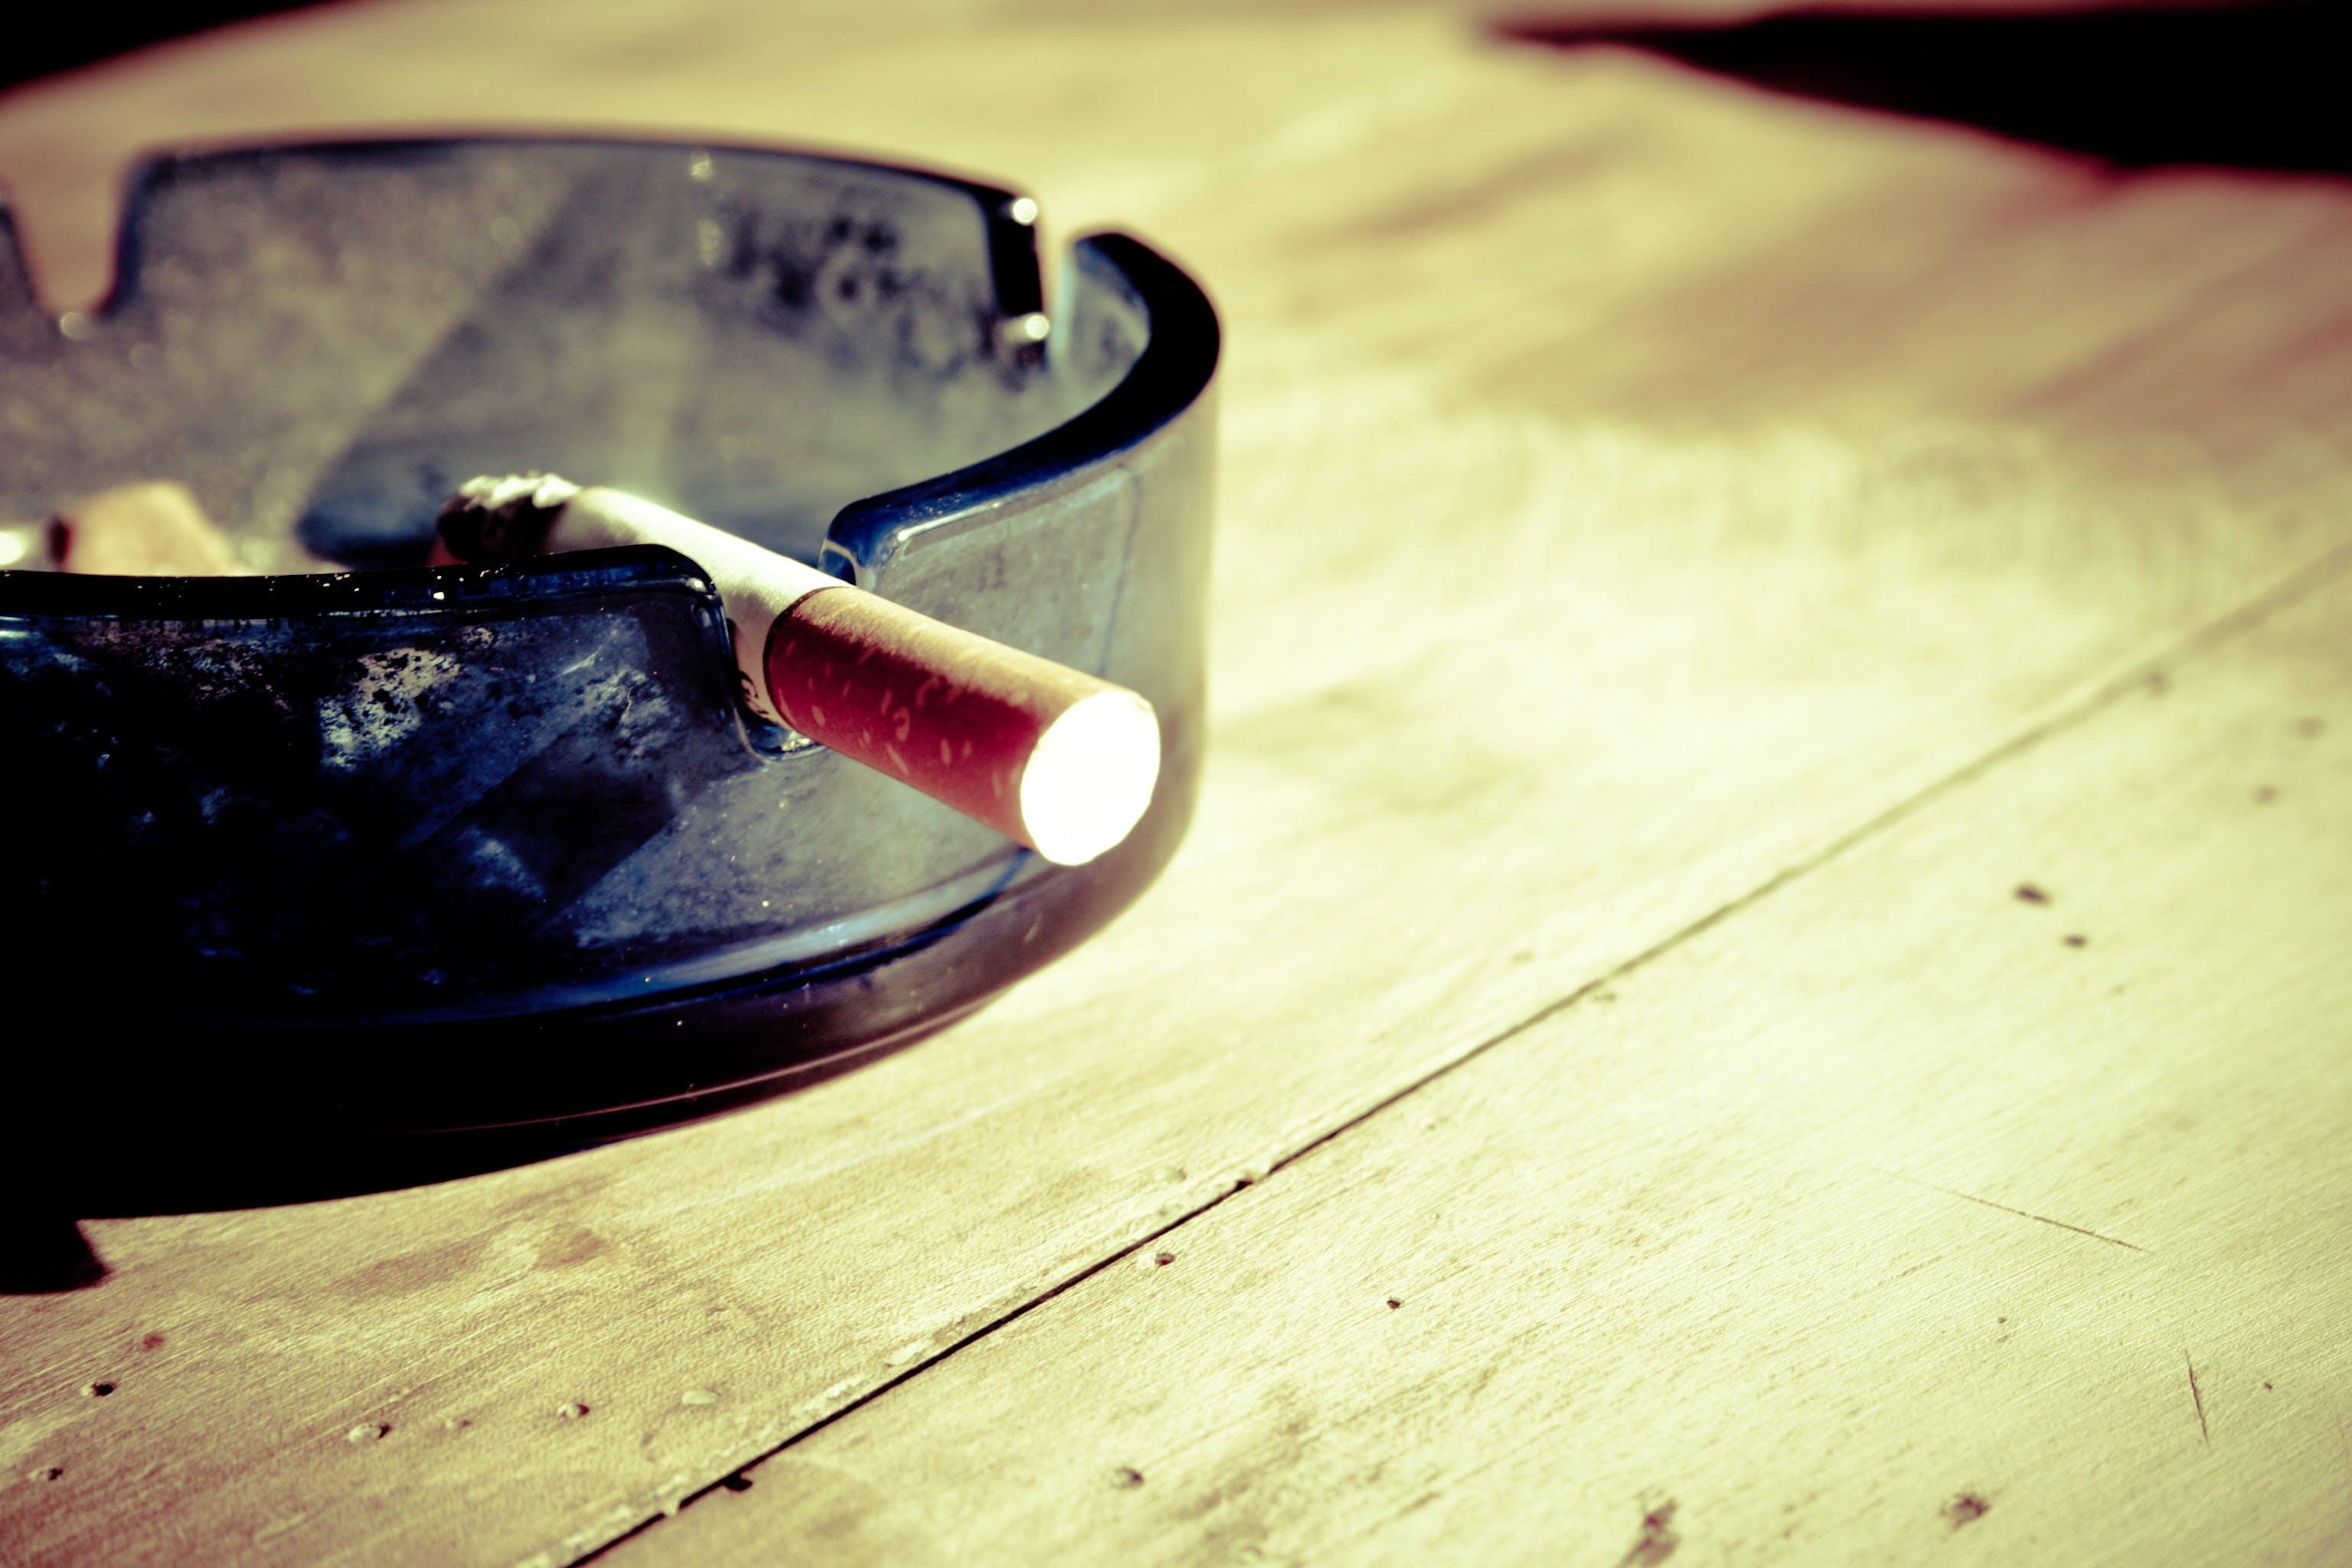 Kostenloses Stock Foto zu tisch, zigarette, makro, aschenbecher